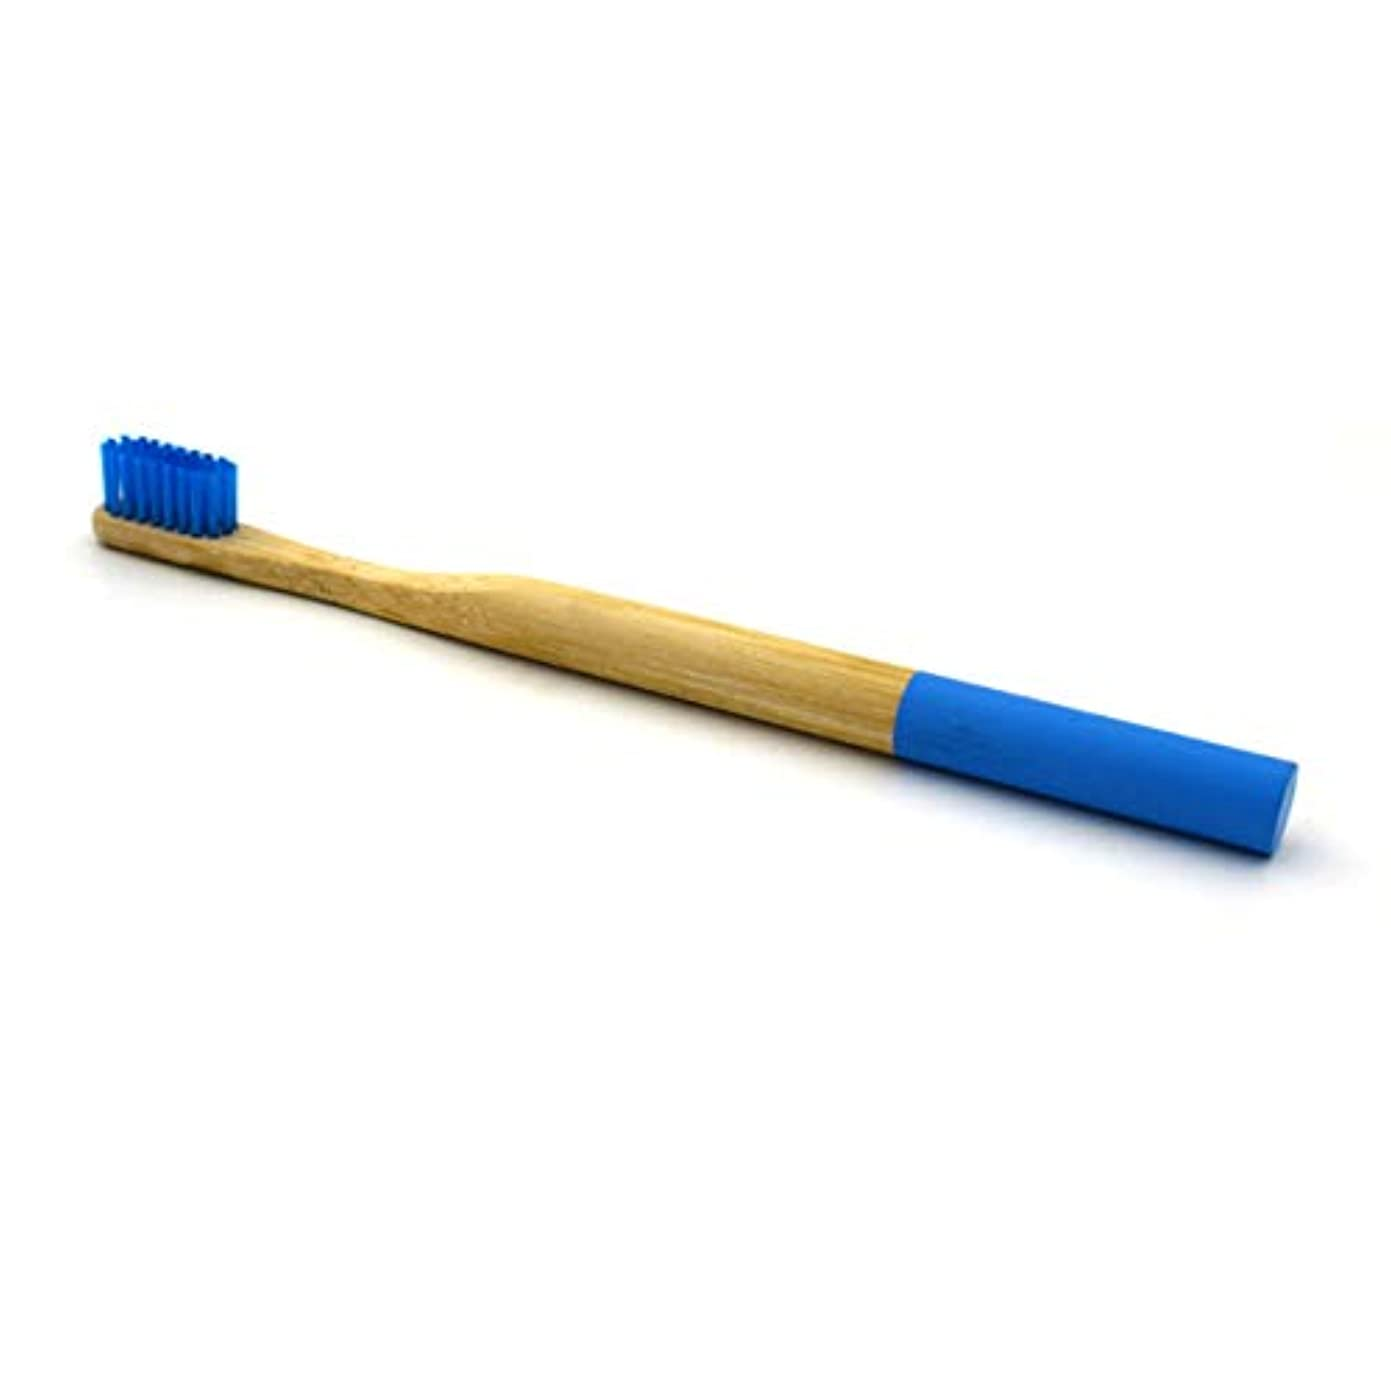 終了するブランデー重要なSUPVOX 柔らかい毛の丸いハンドル付きの天然竹歯ブラシ